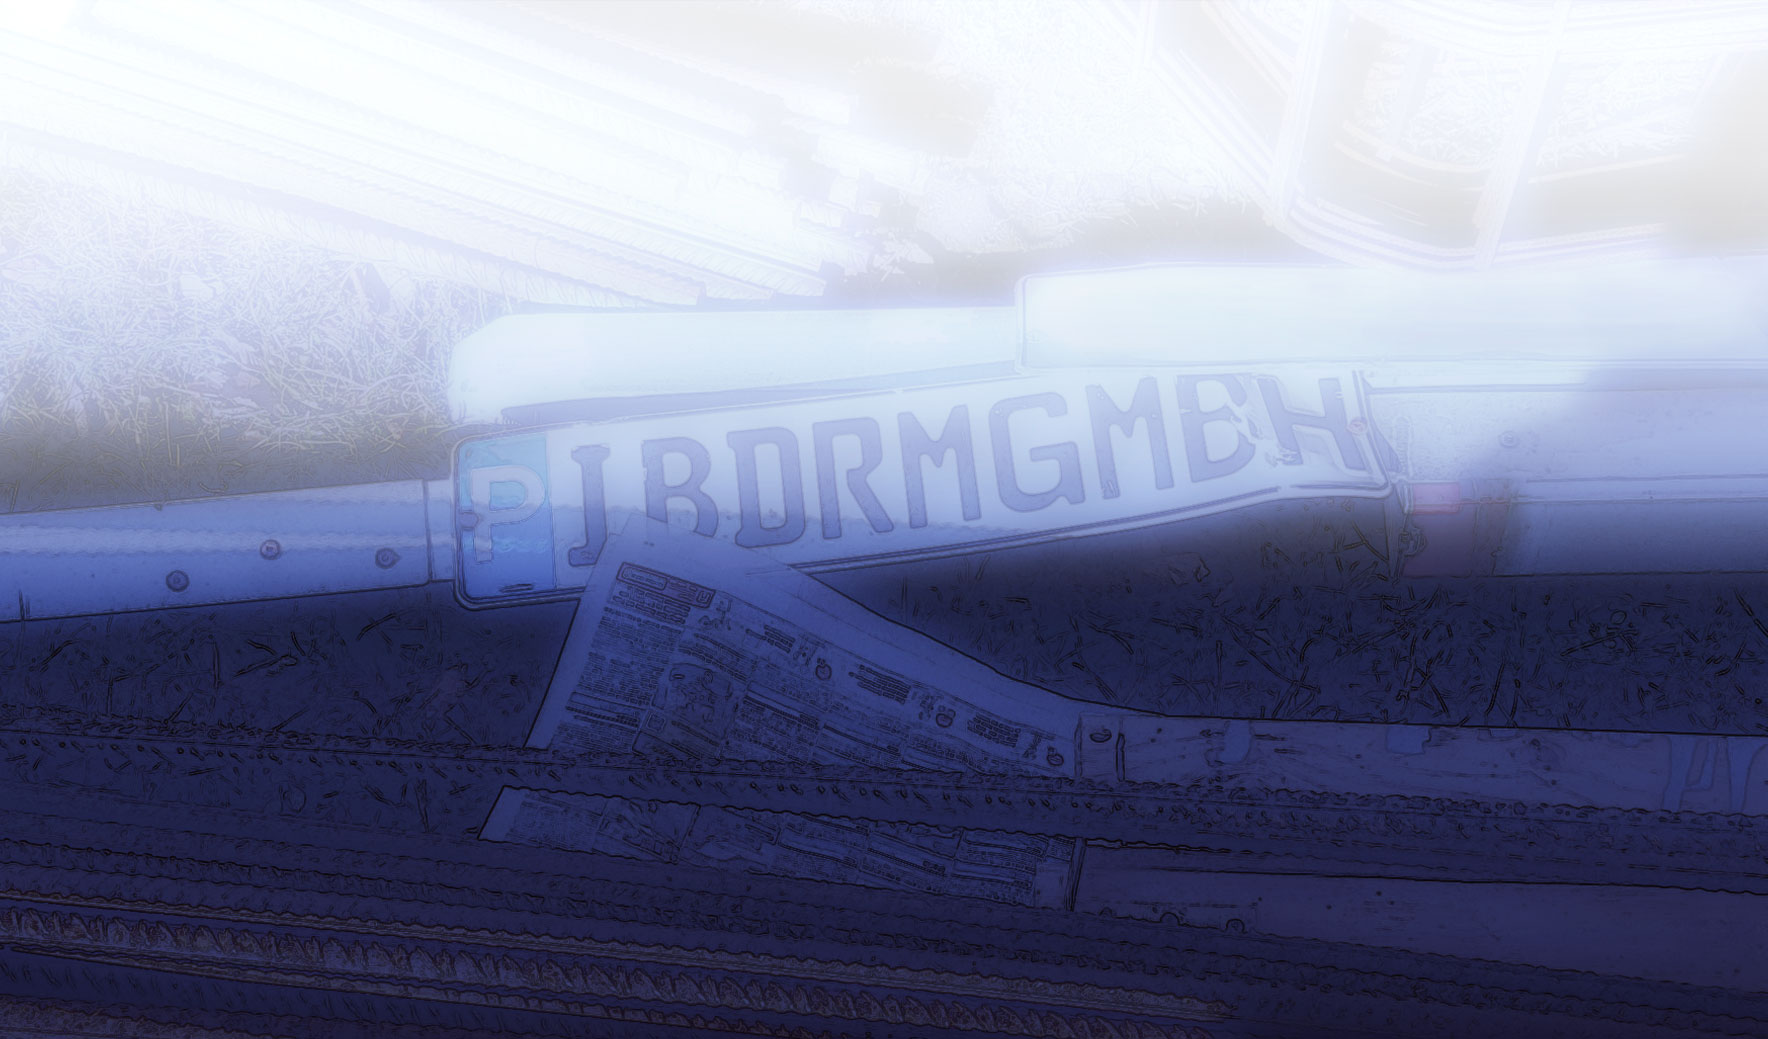 Die ibdrm GmbH am neuen Standort!